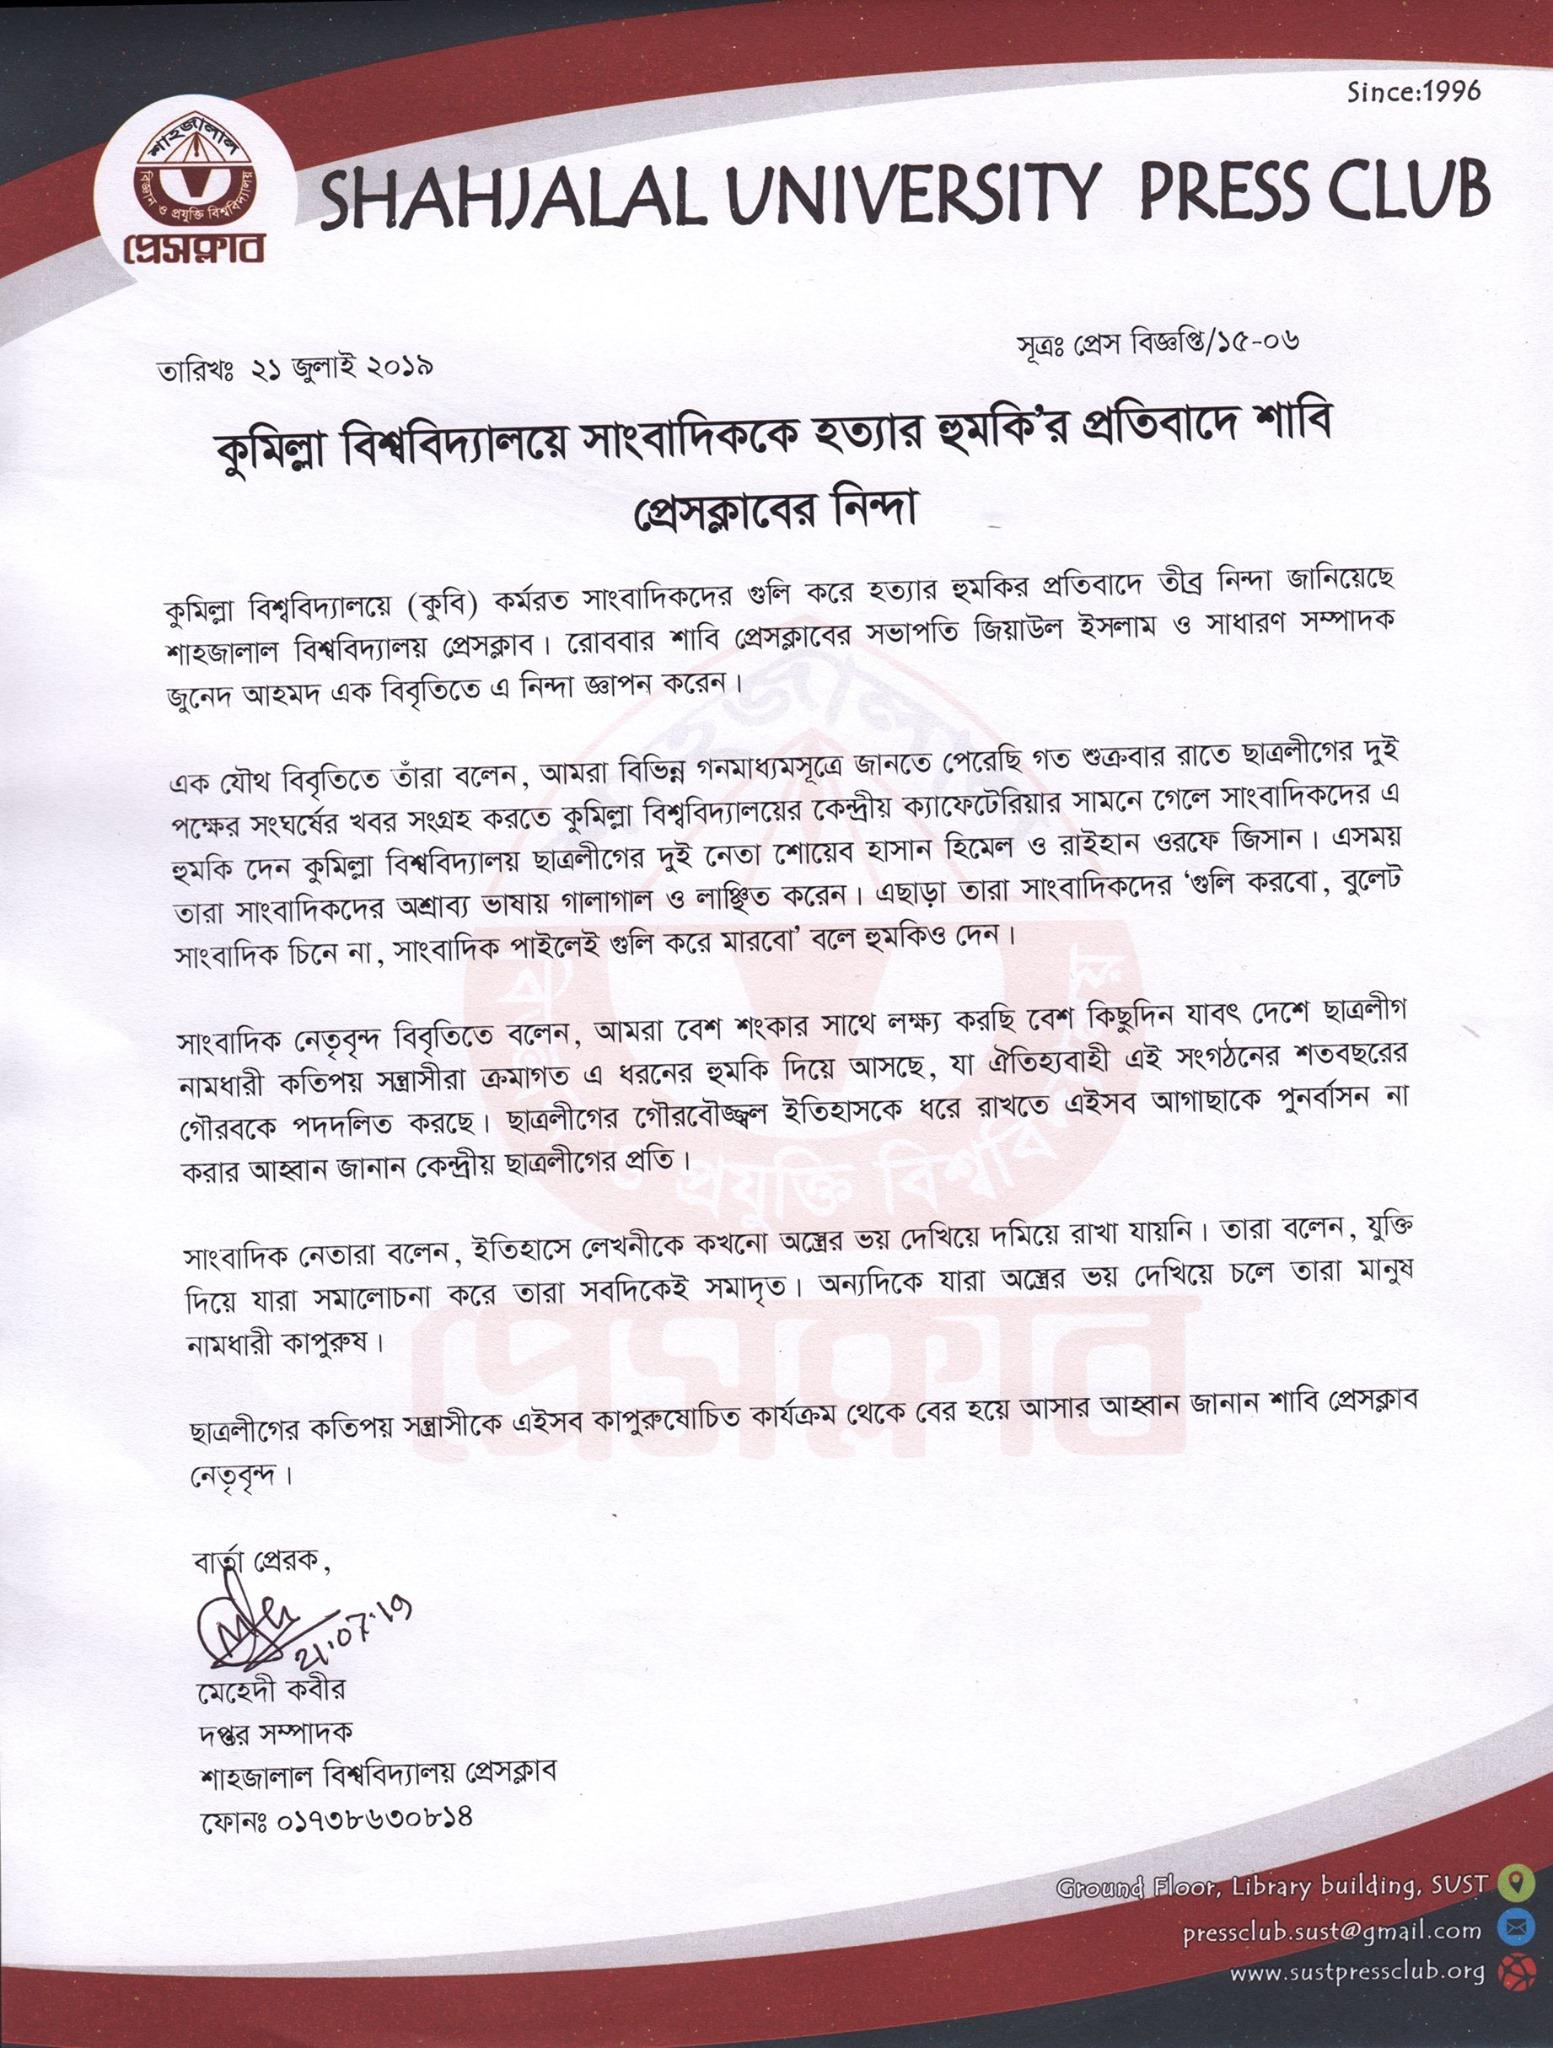 কুমিল্লা বিশ্ববিদ্যালয়ে সাংবাদিককে হত্যার হুমকির প্রতিবাদে শাবি প্রেসক্লাবের নিন্দা